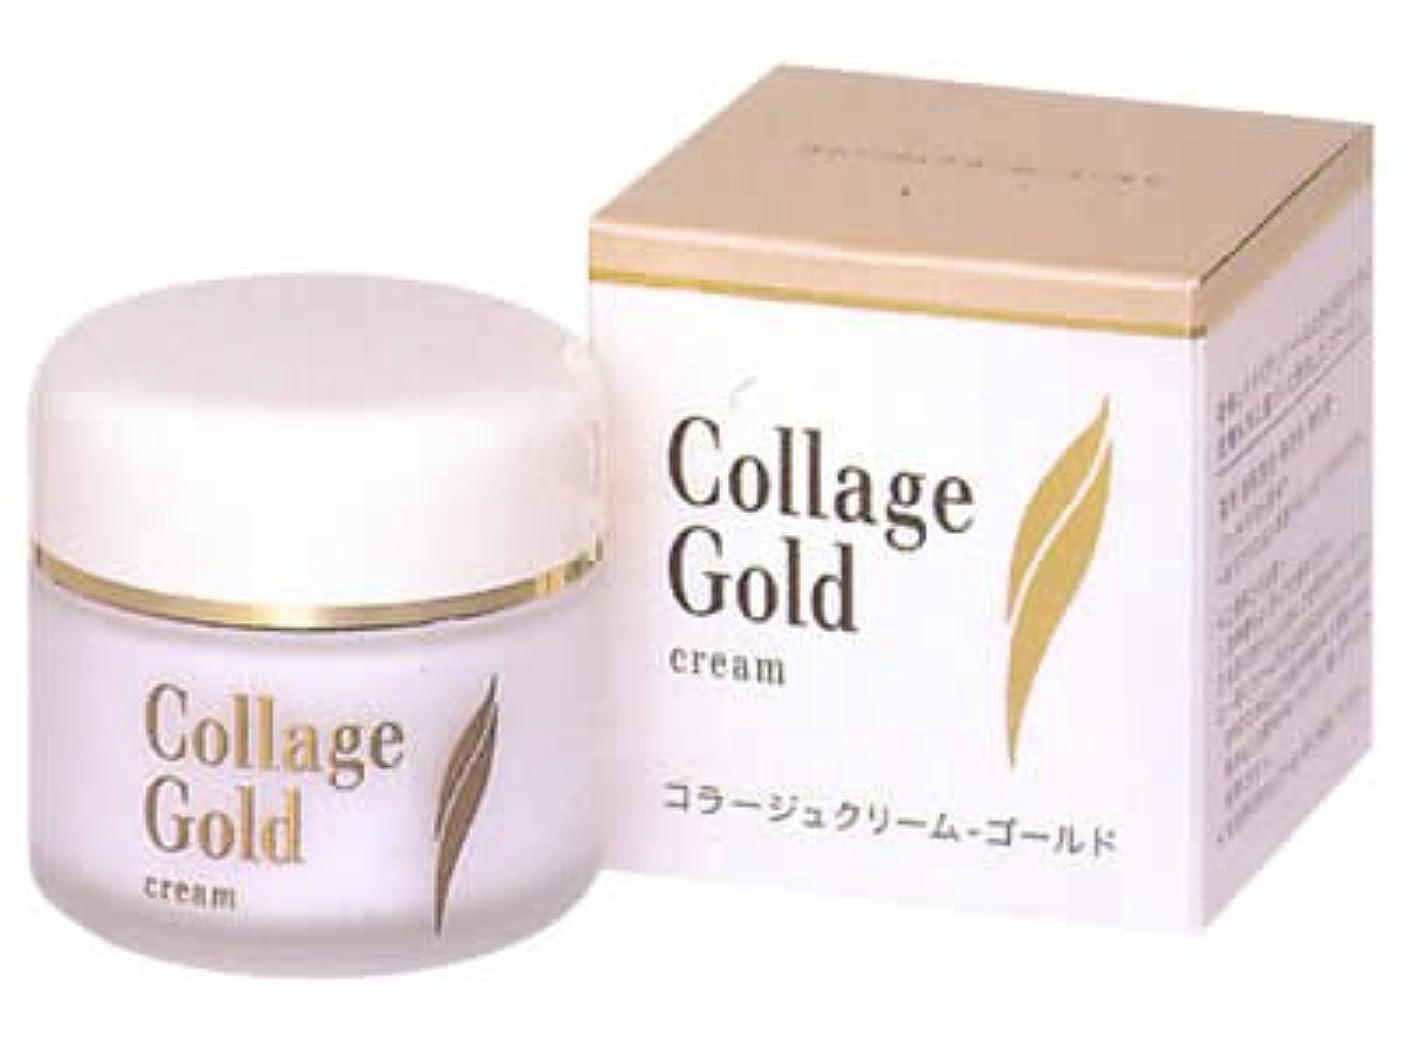 宣言一般塗抹コラージュ クリーム-ゴールドS 35g (医薬部外品)